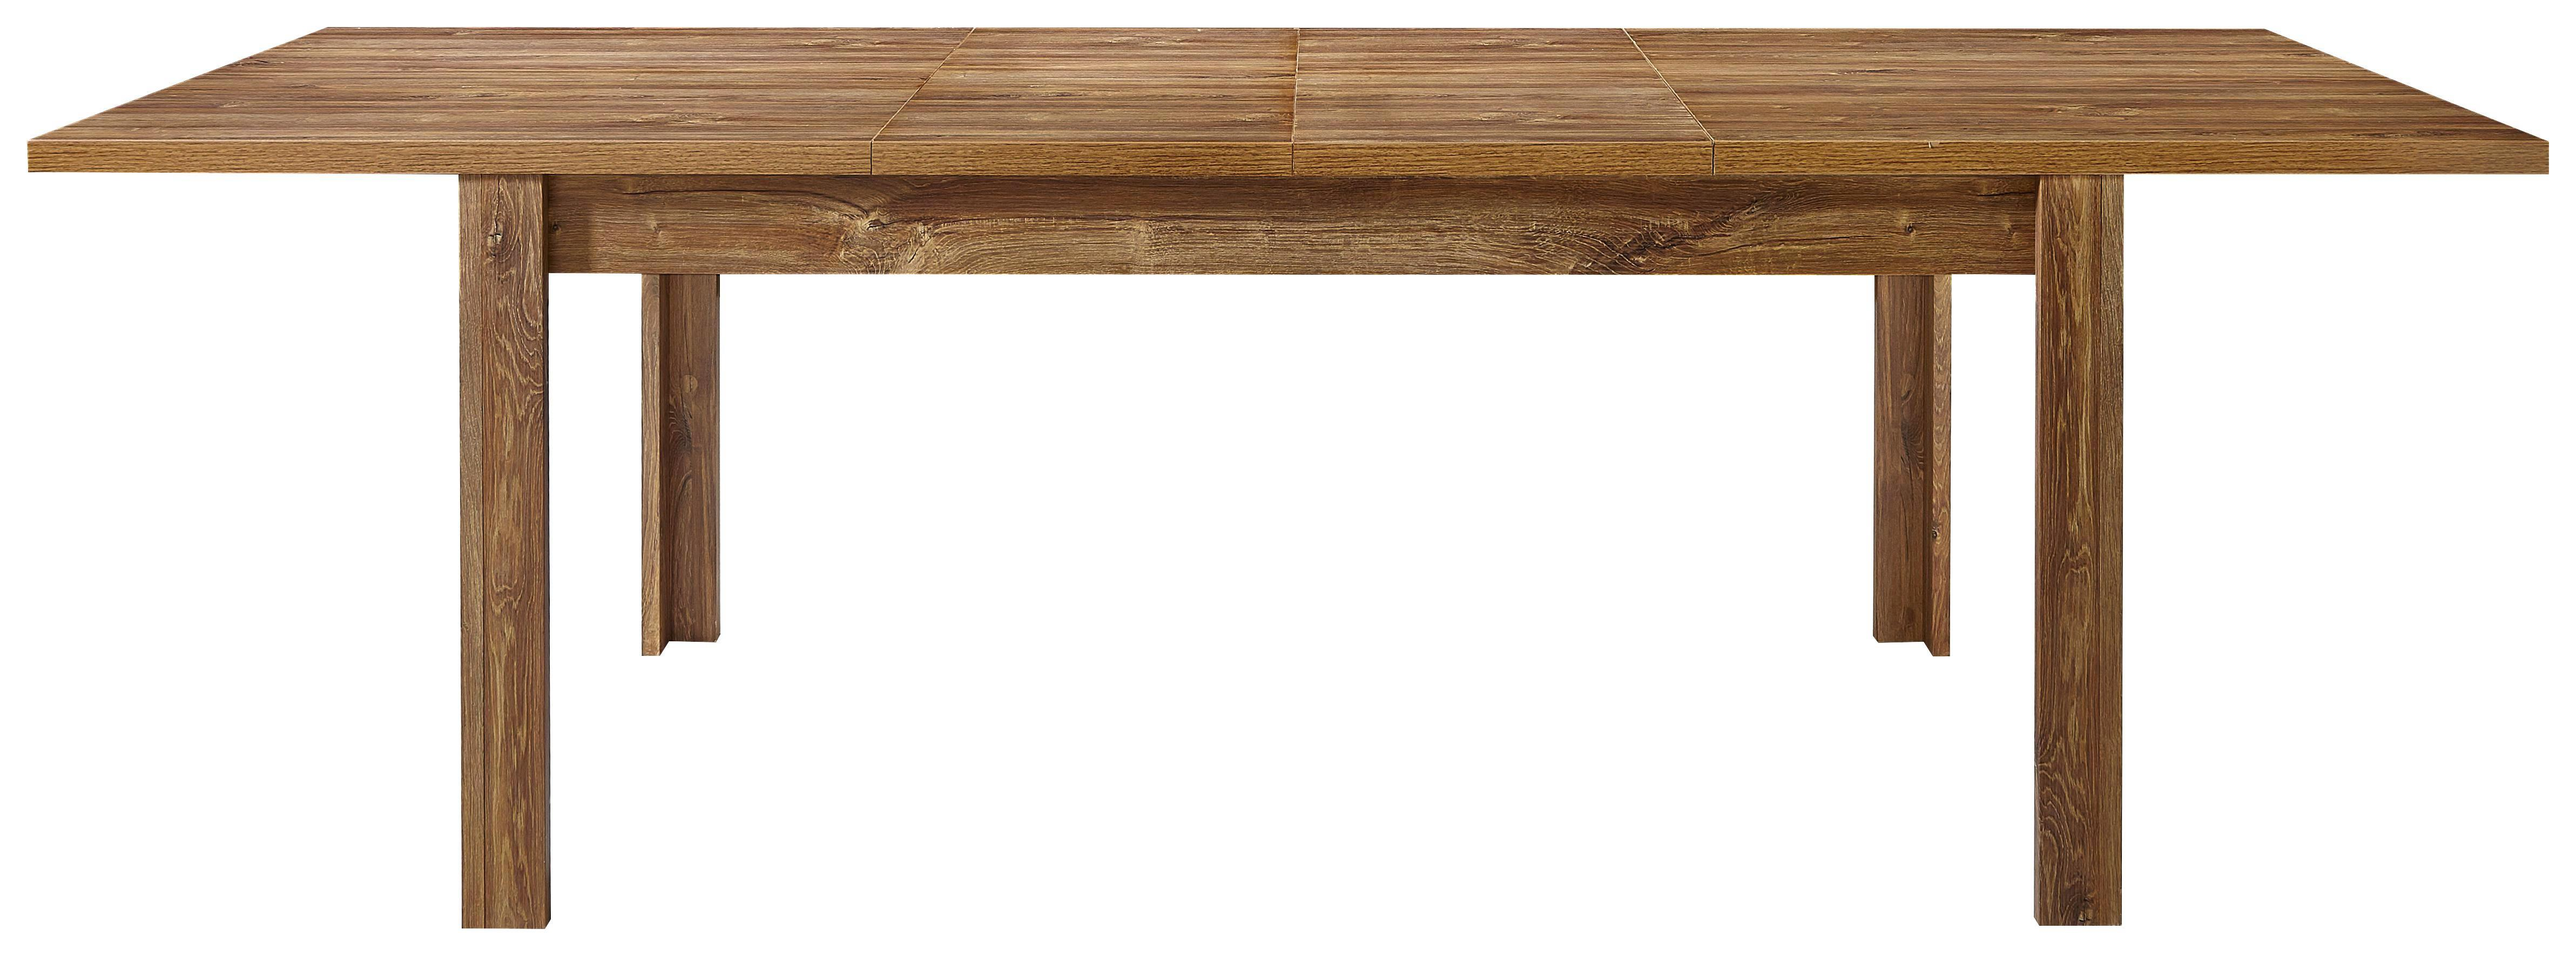 Coole Dekoration Tisch Bank Stuhl #24: Esstisch In Akazie - Akaziefarben, MODERN, Holzwerkstoff (160/76/90cm)